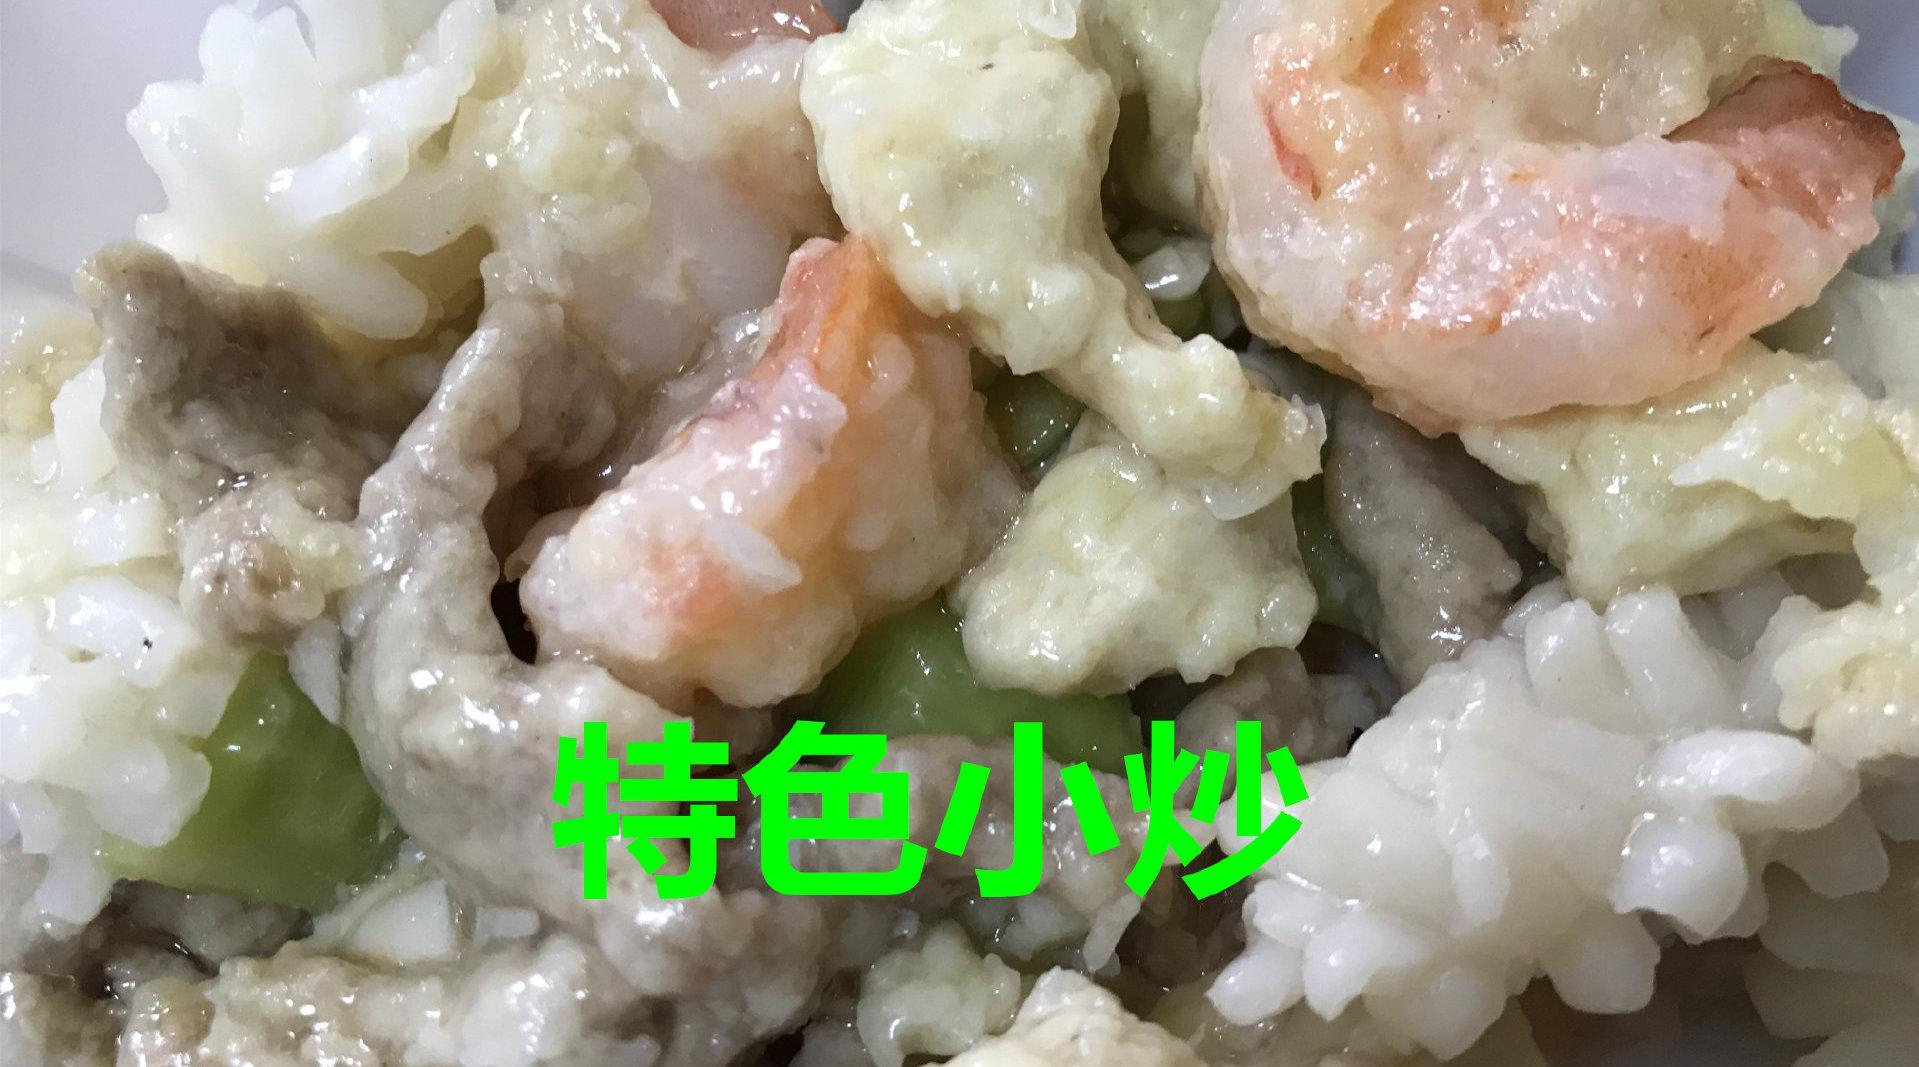 大辉爱吃的津味小炒,28元买了三个菜,人均10多块钱吃饱吃好